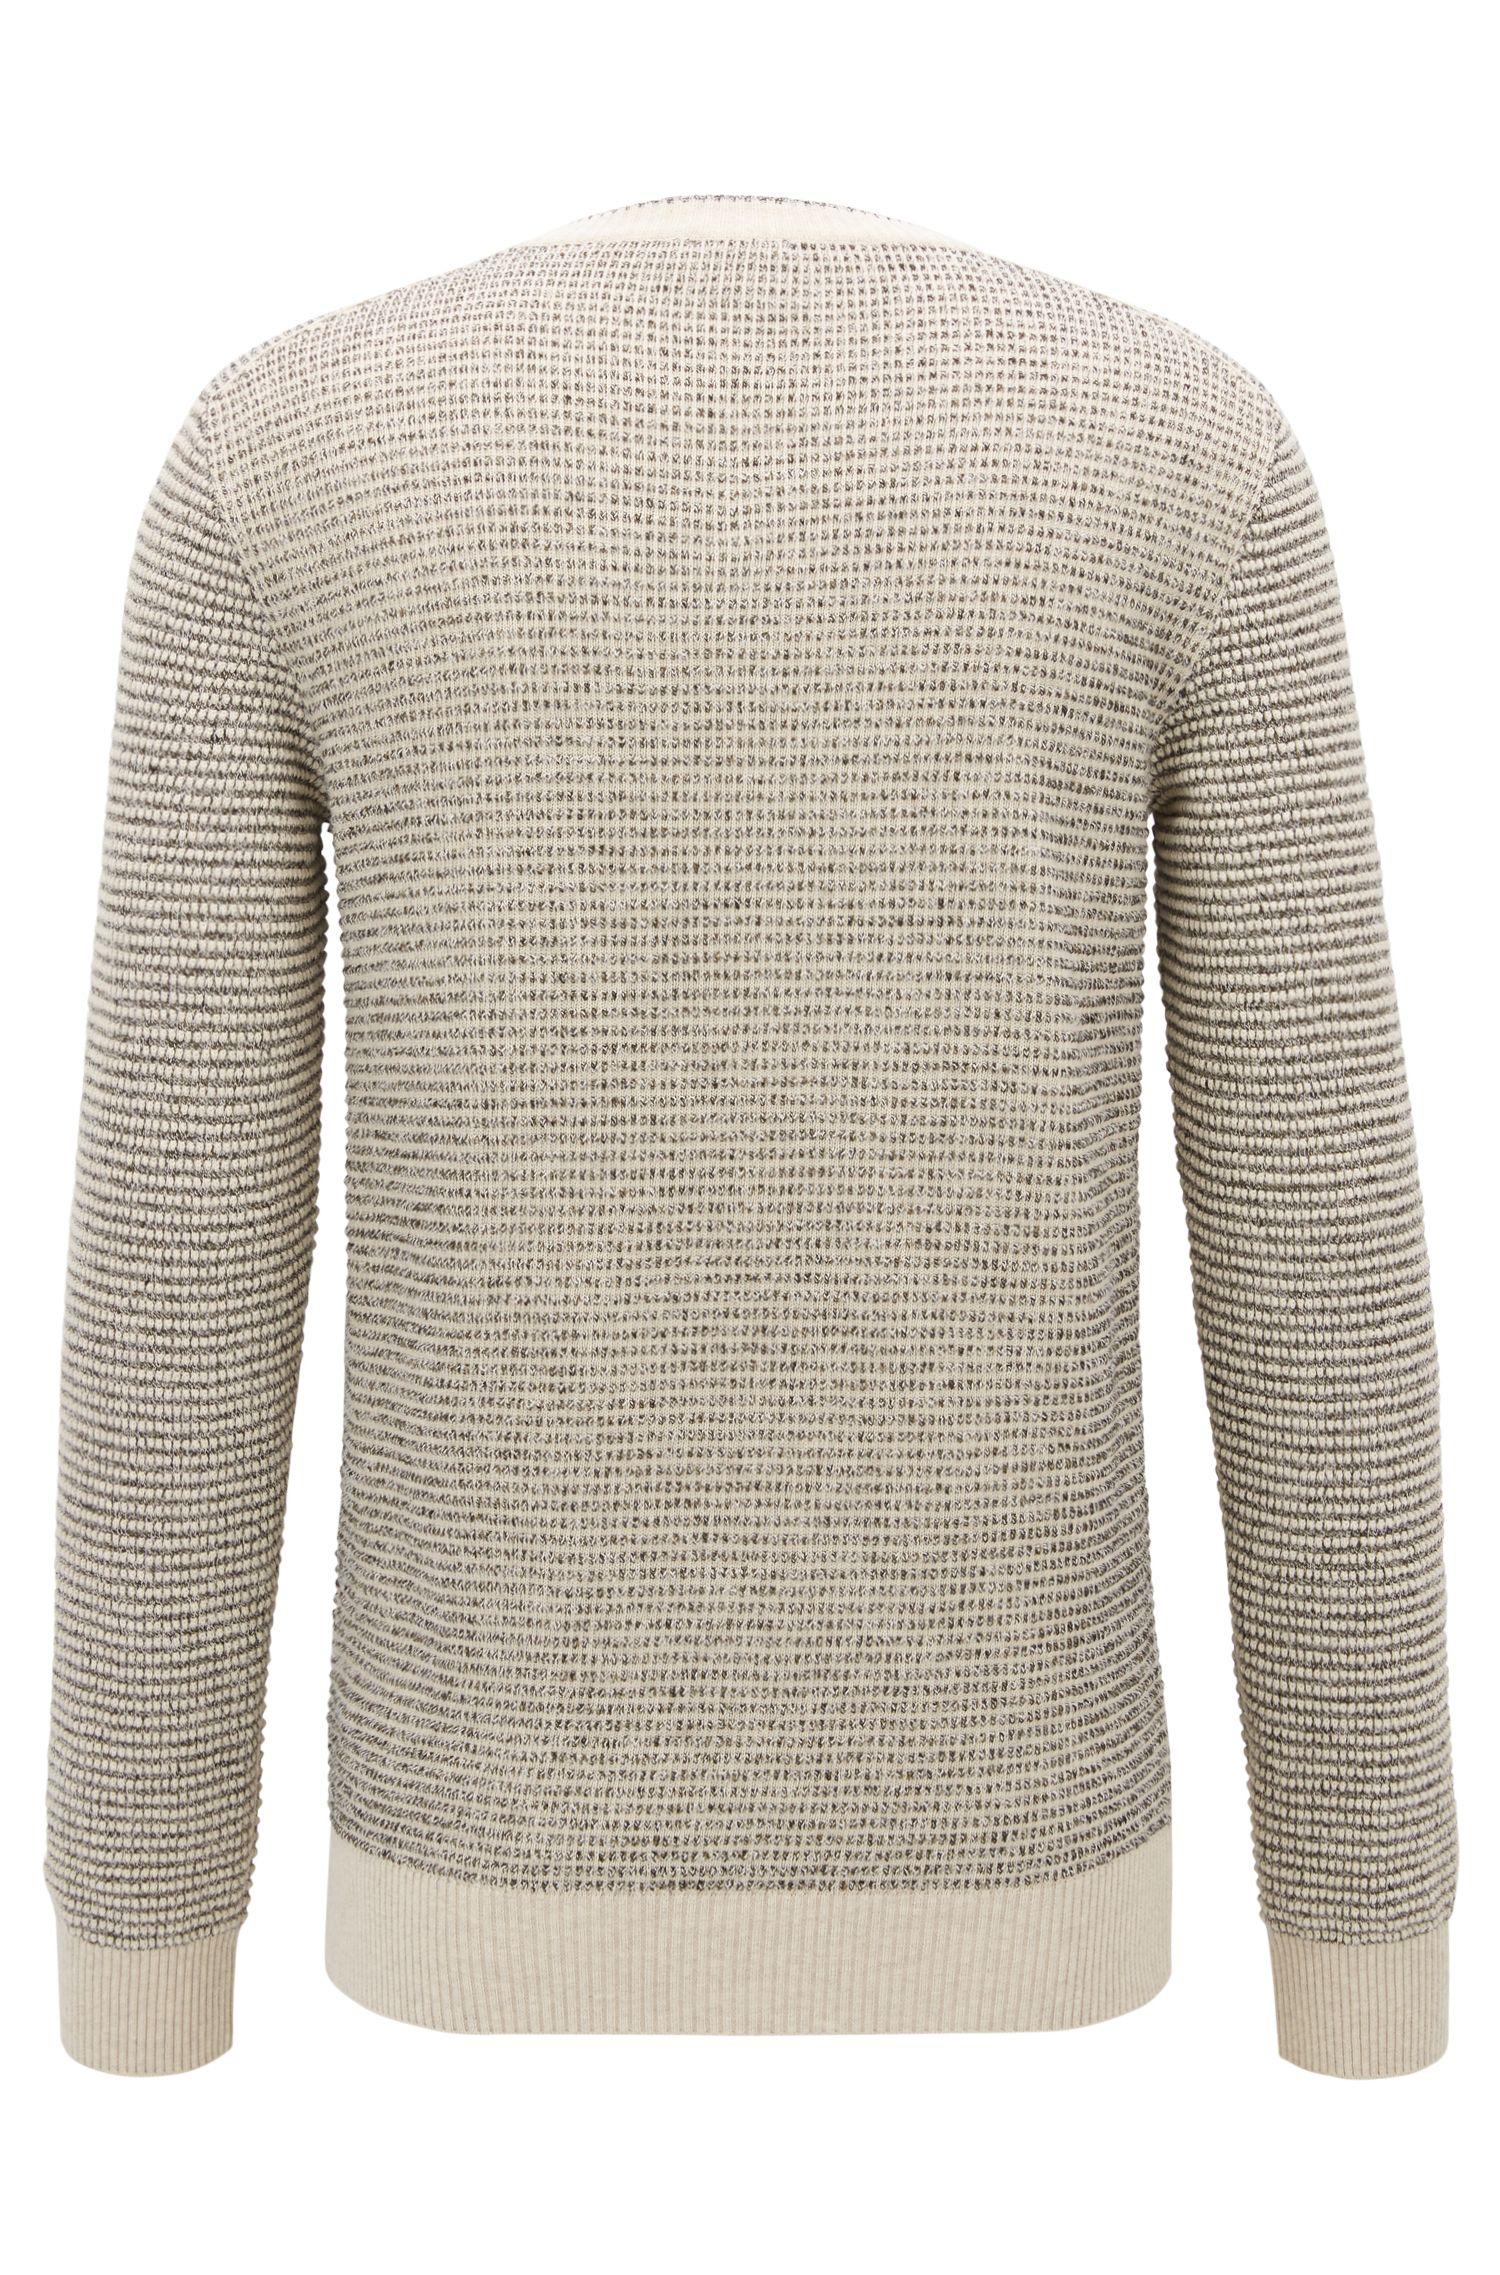 Jersey en mezcla de algodón con textura y cuello en pico